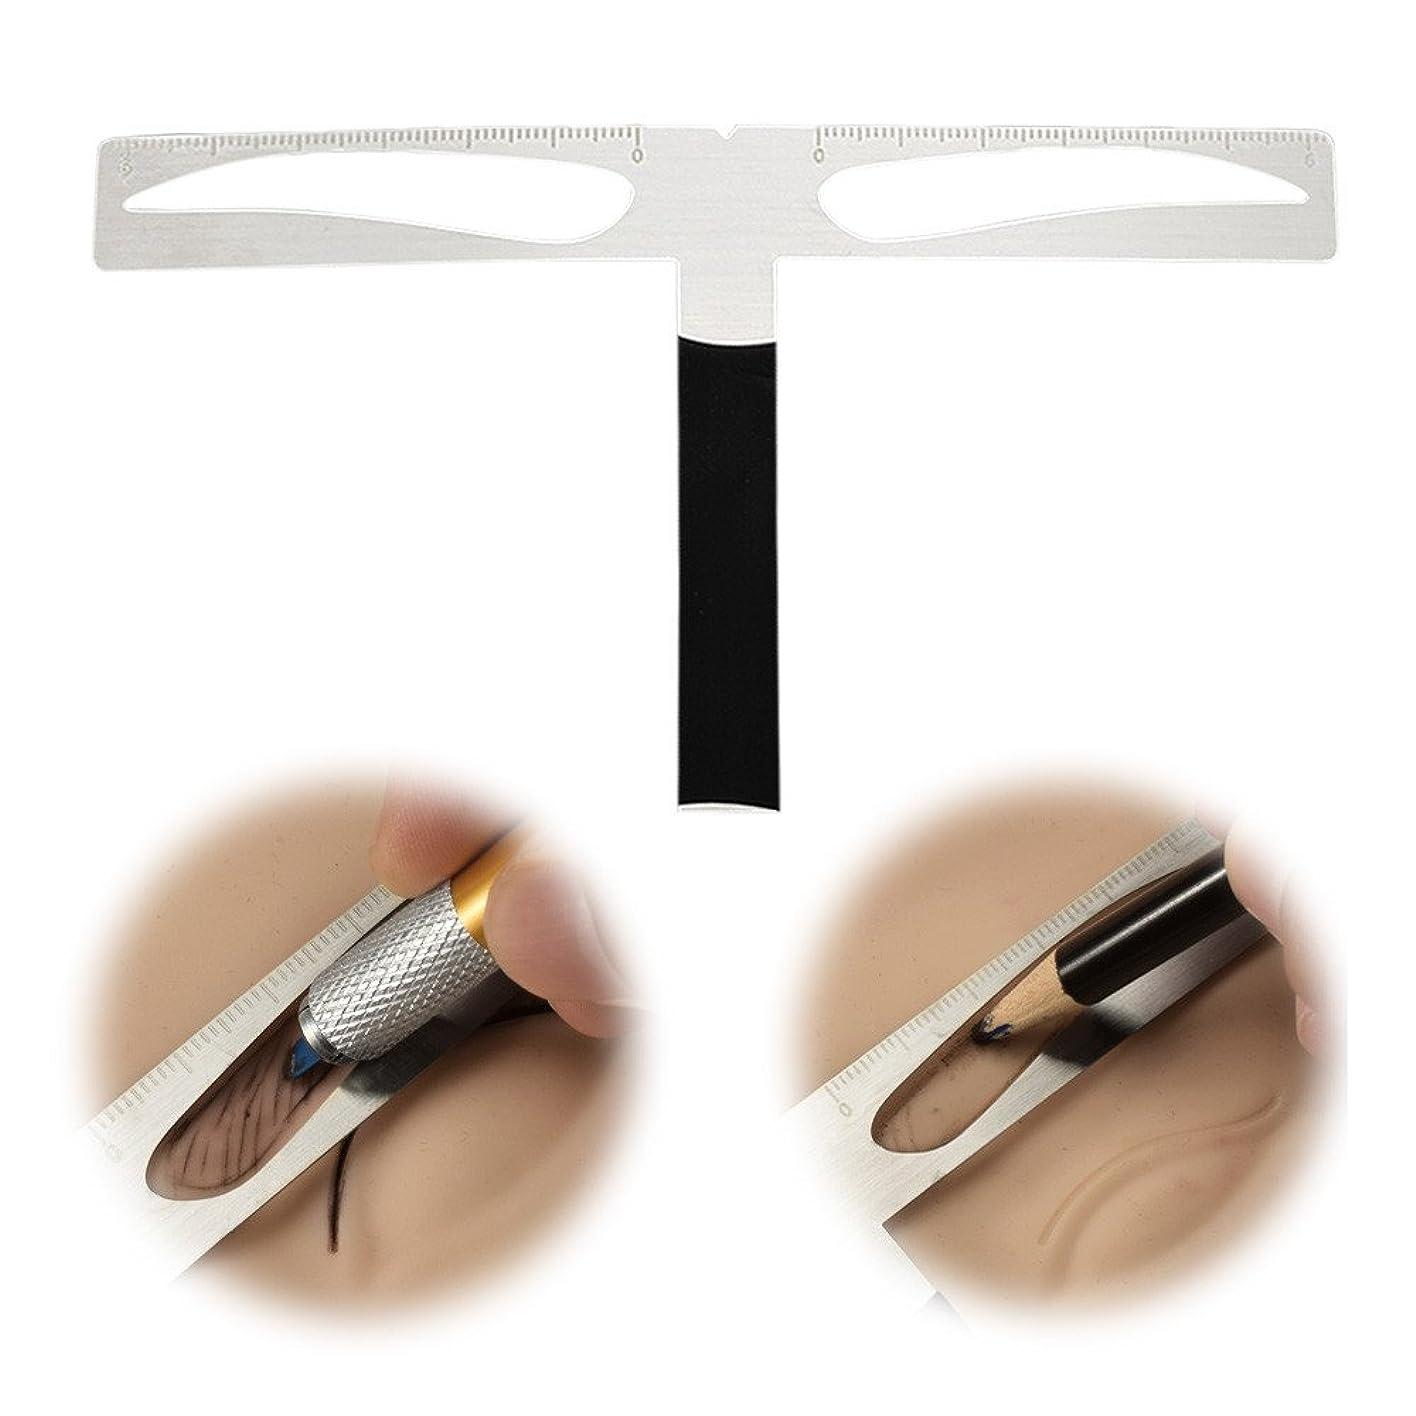 ランチワードローブ対象ATOMUS眉毛の定規 DIYの眉毛テンプレート ステンシ ステンレス メイク アップ アイブローテンプレート 入れ墨の眉ツール 全3種類 (#02)